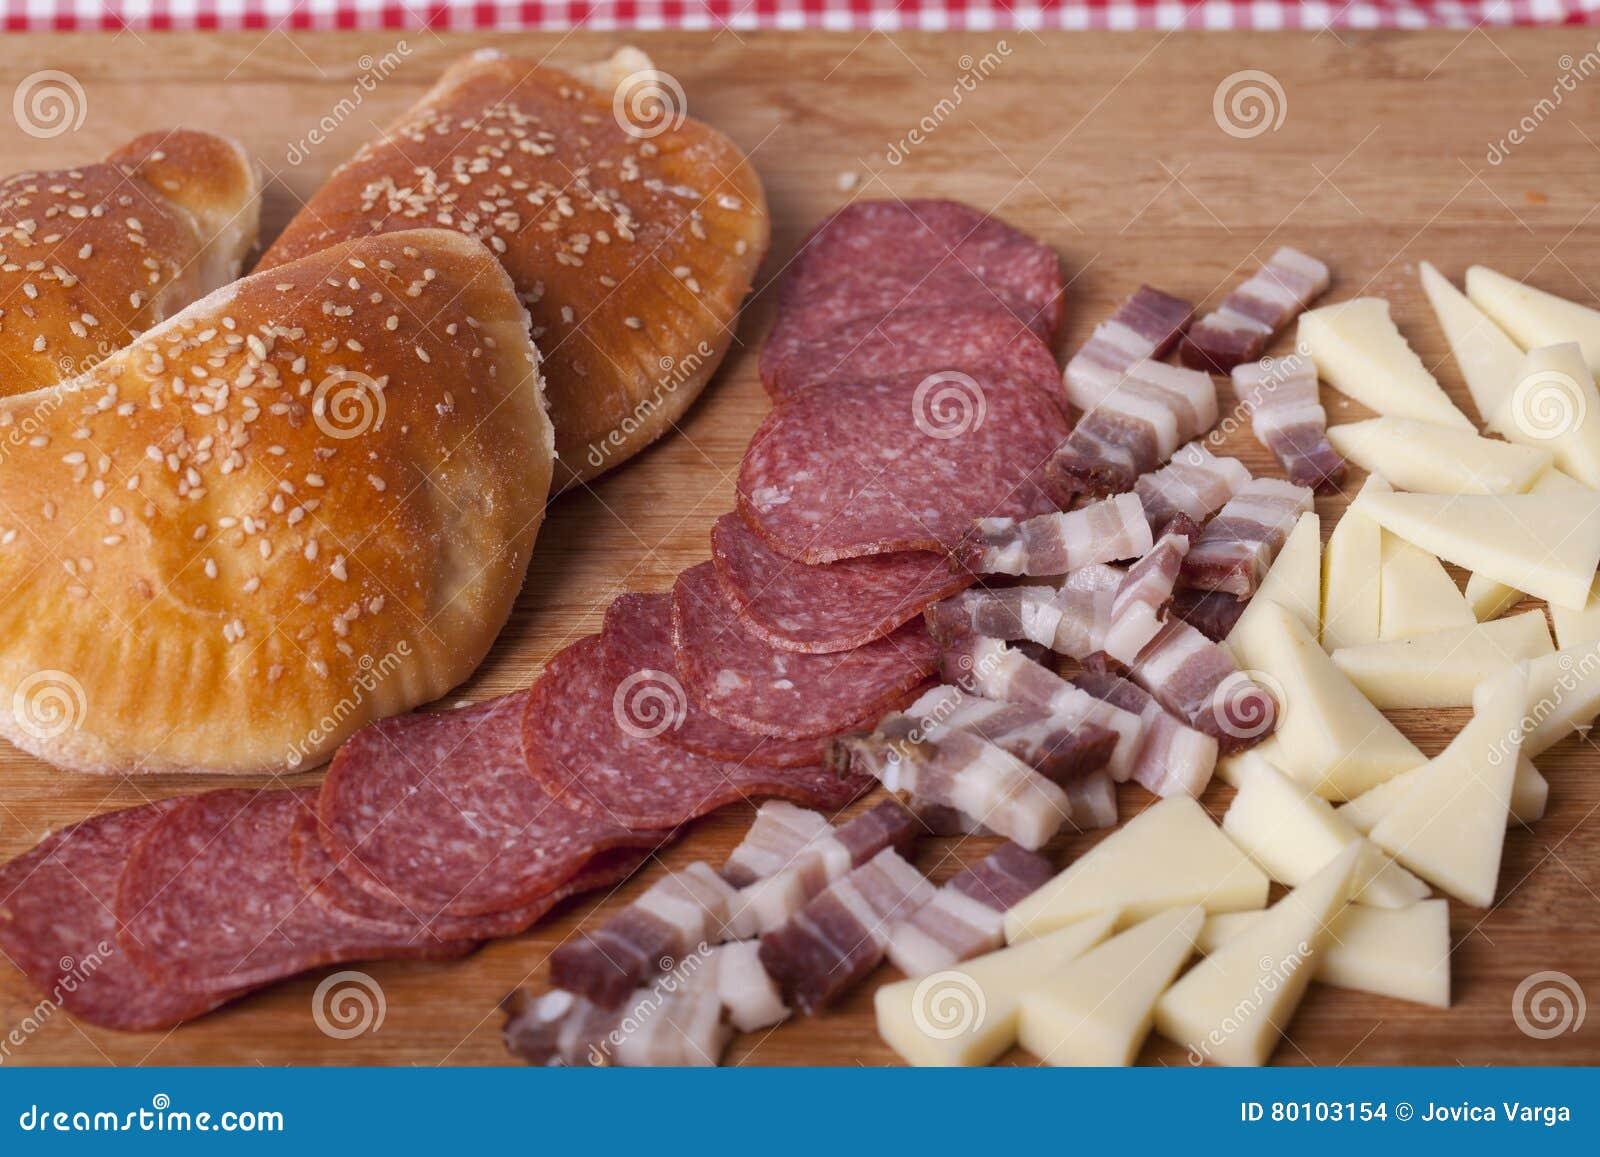 Bolos caseiros para o café da manhã